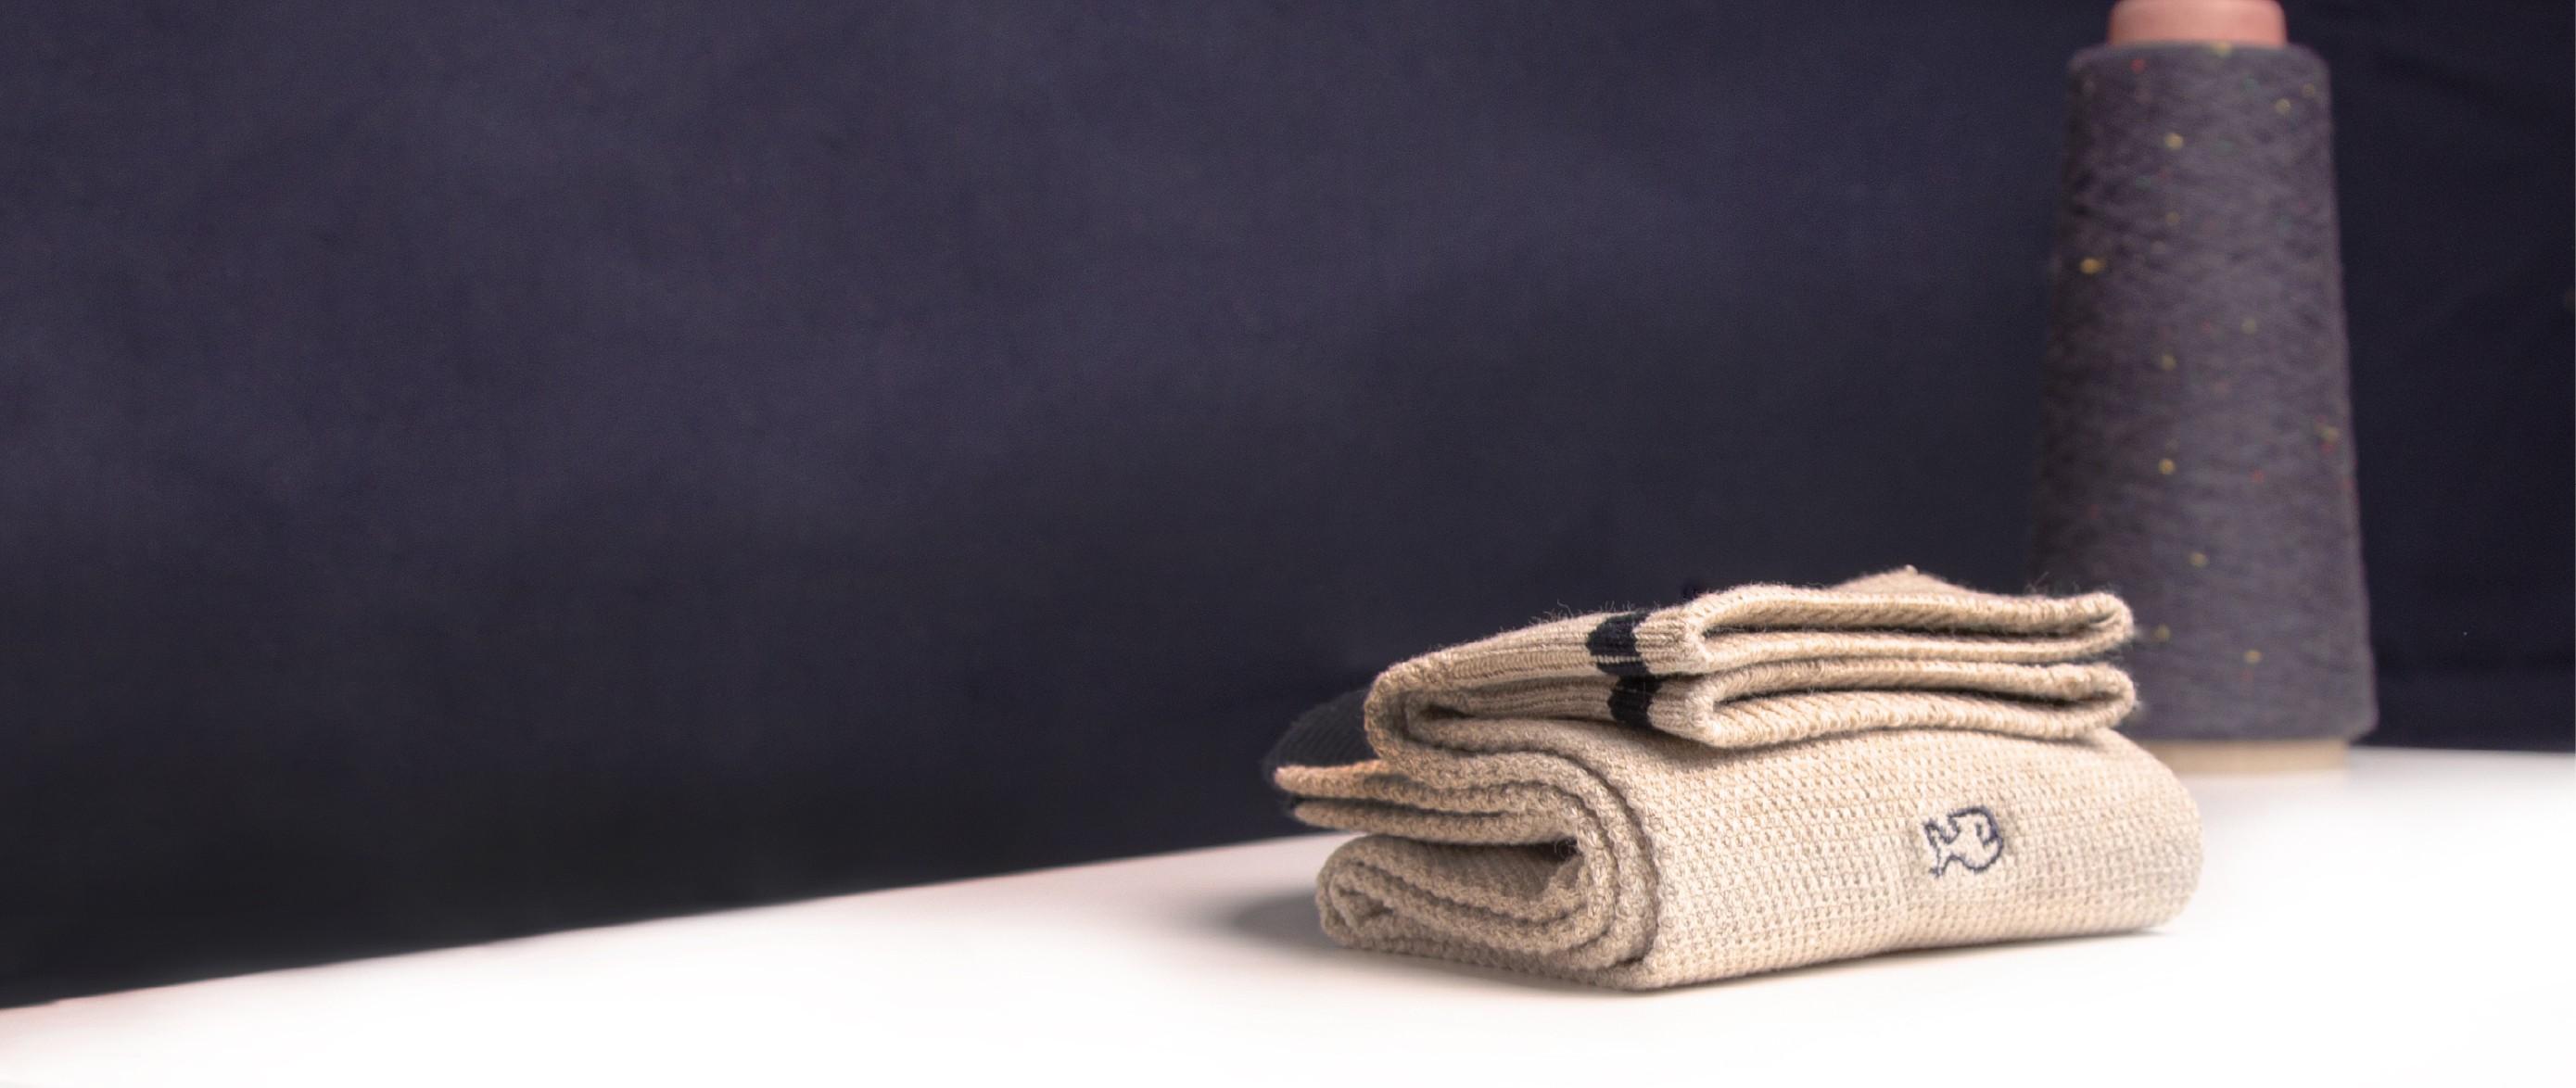 Pique knit socks